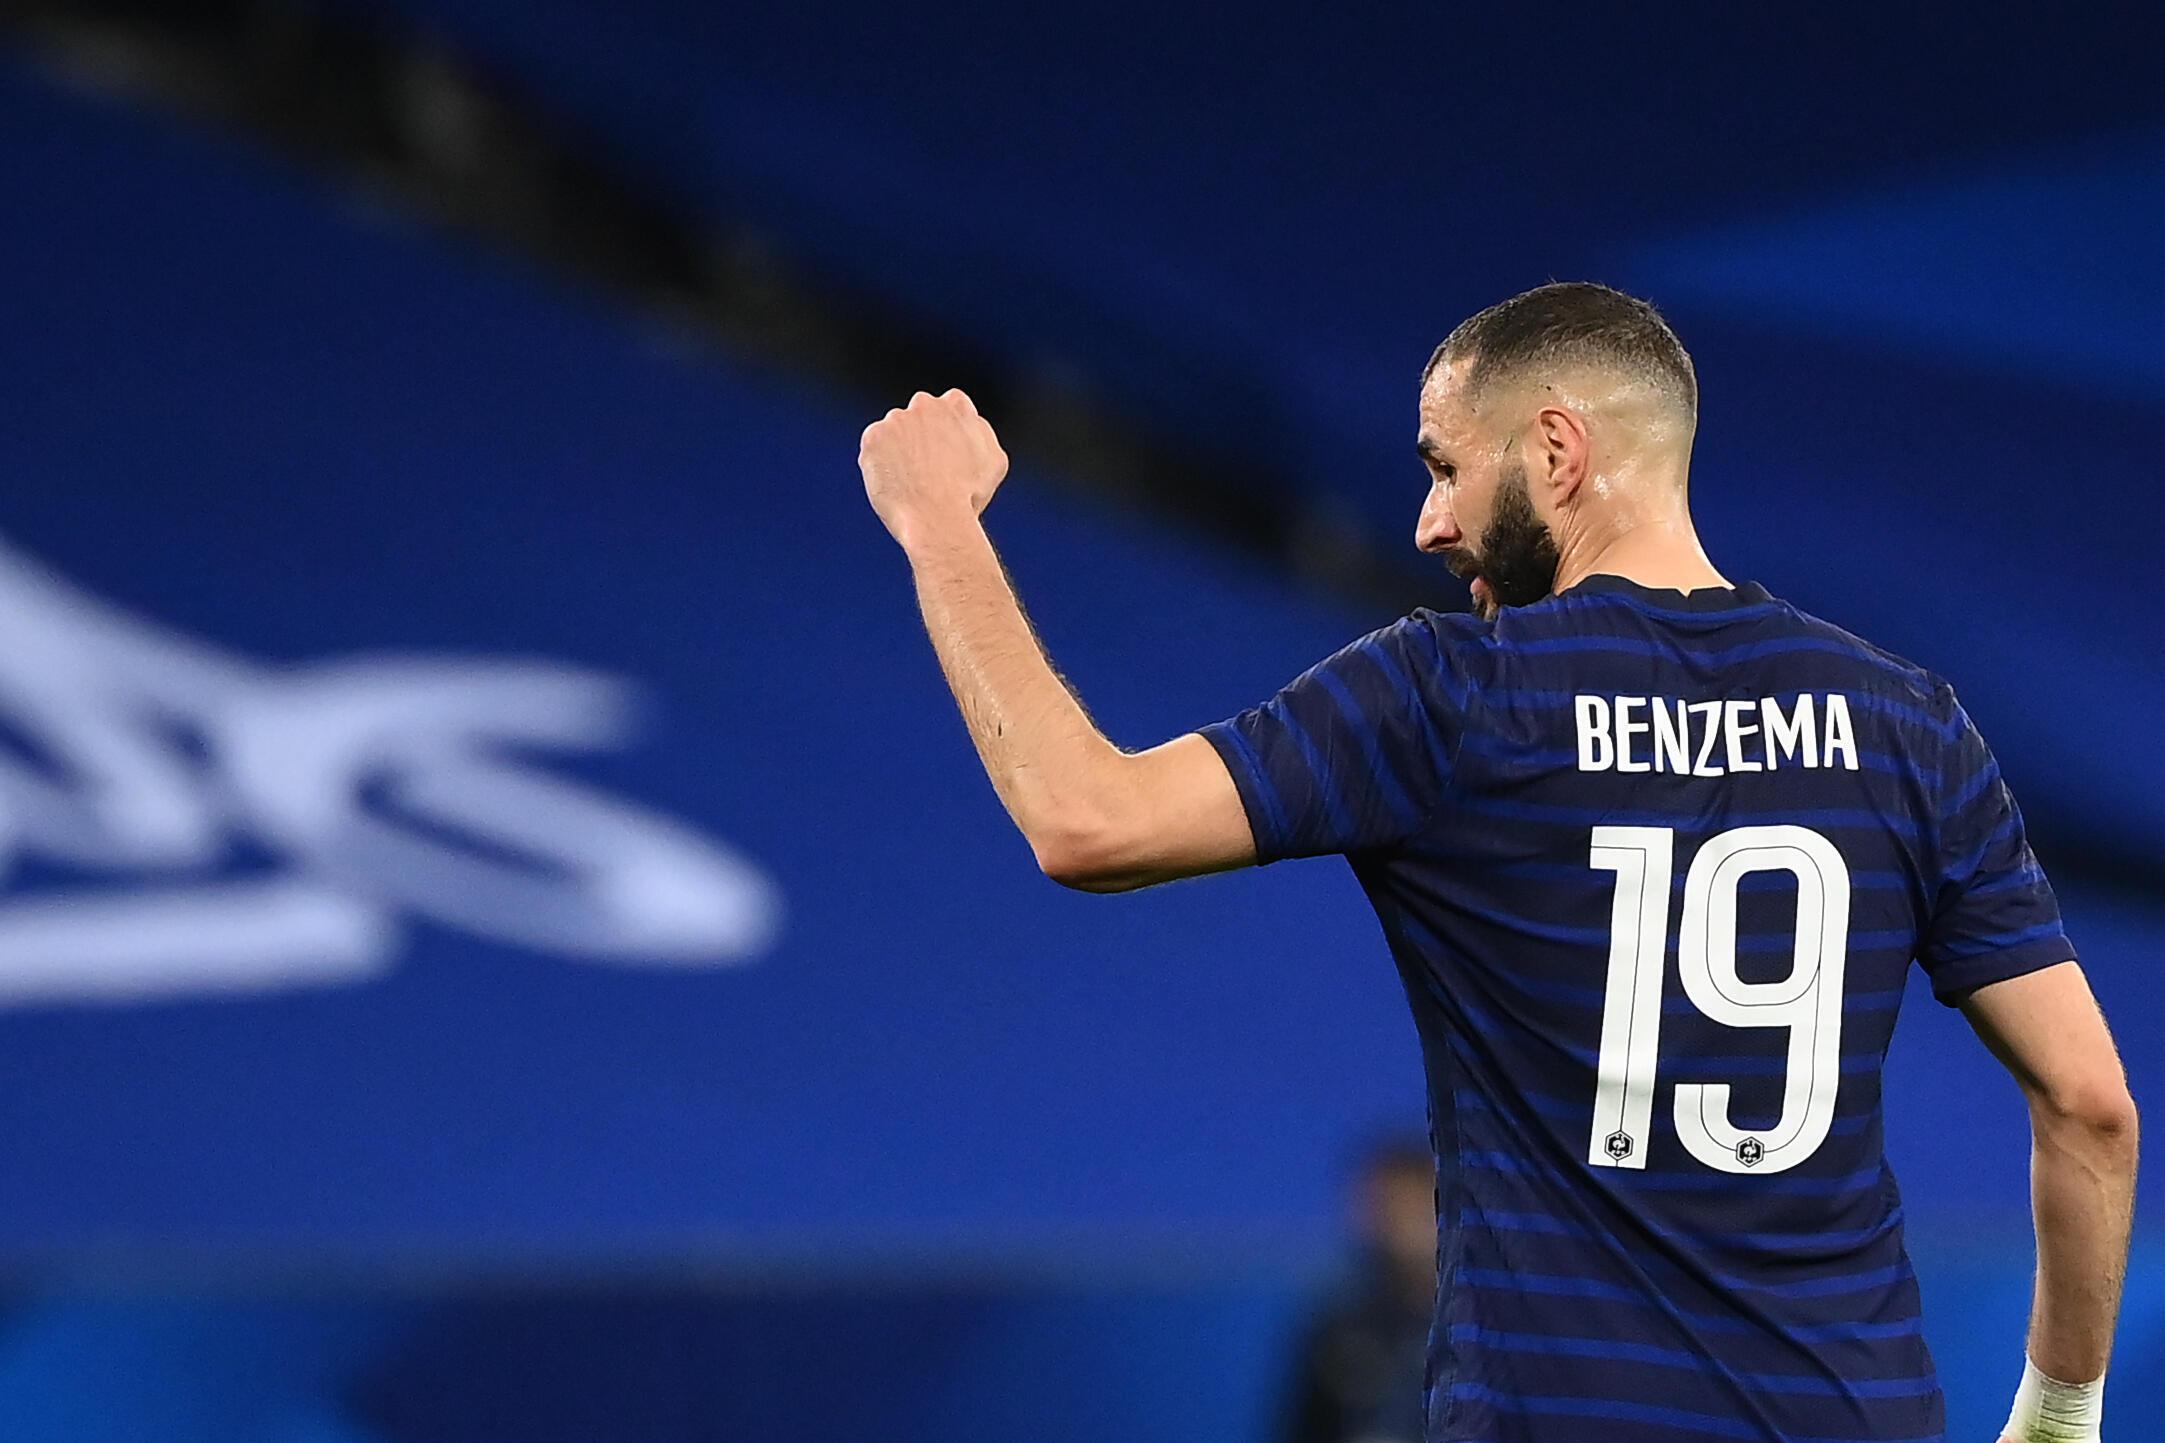 L'attaquant français Karim Benzema lors du match amical contre le Pays de Galles, à Nice, le 2 juin 2021